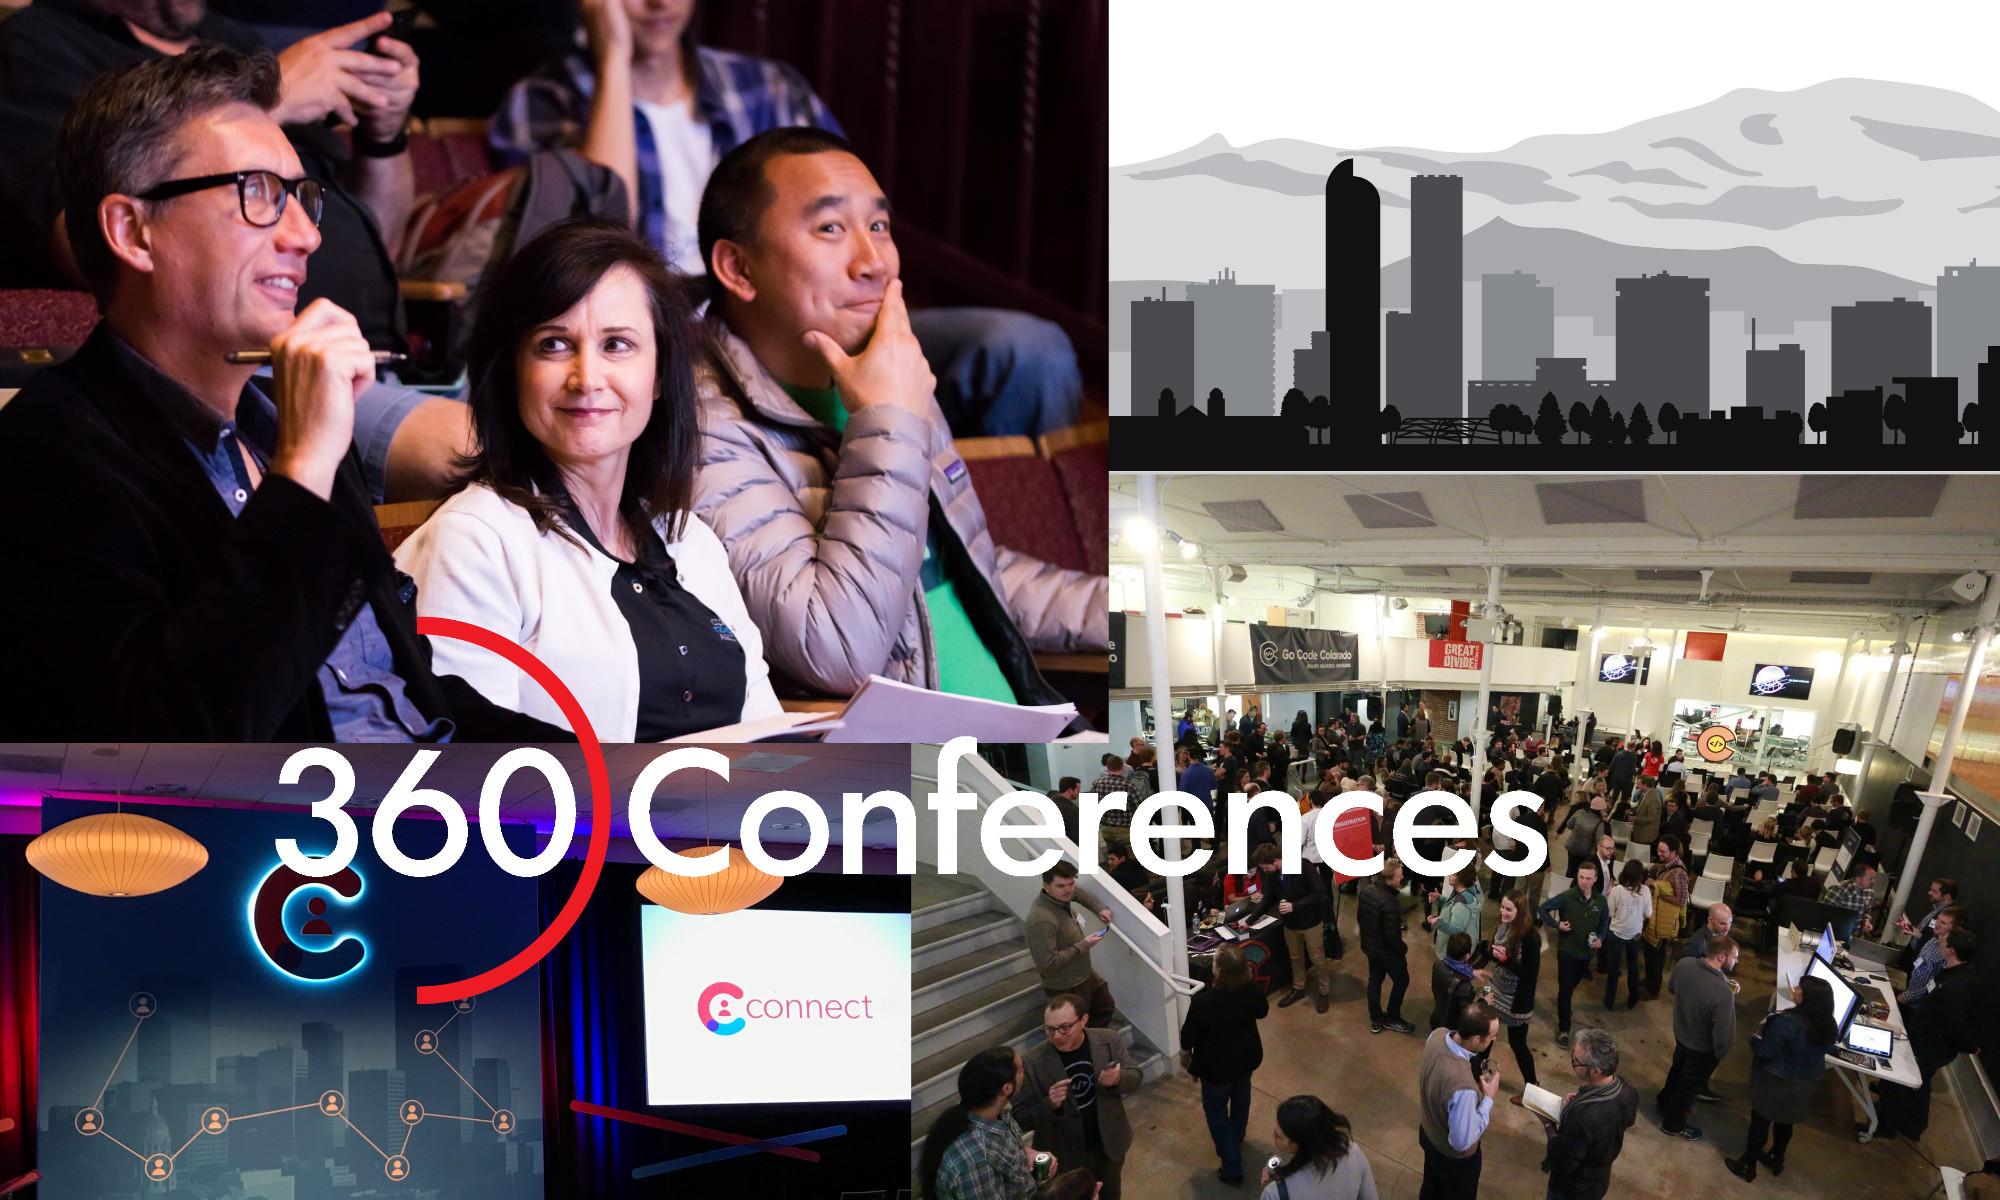 360|conferences